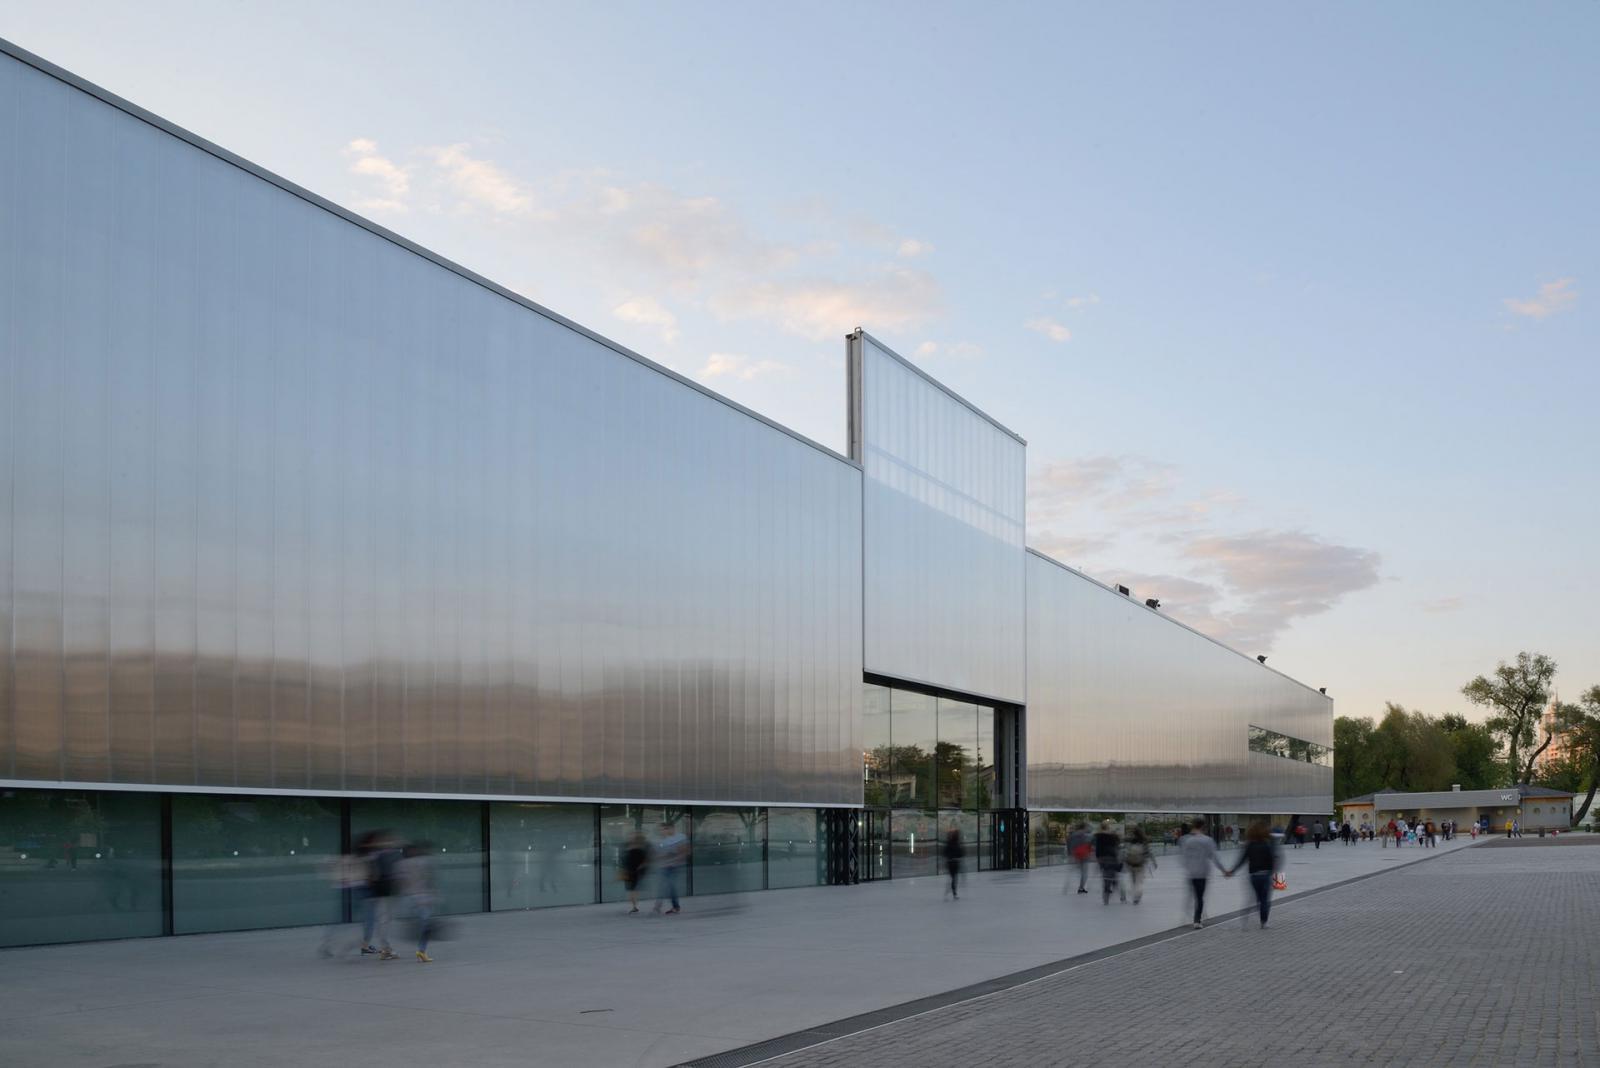 Музей «Гараж»: программа на 2019 год